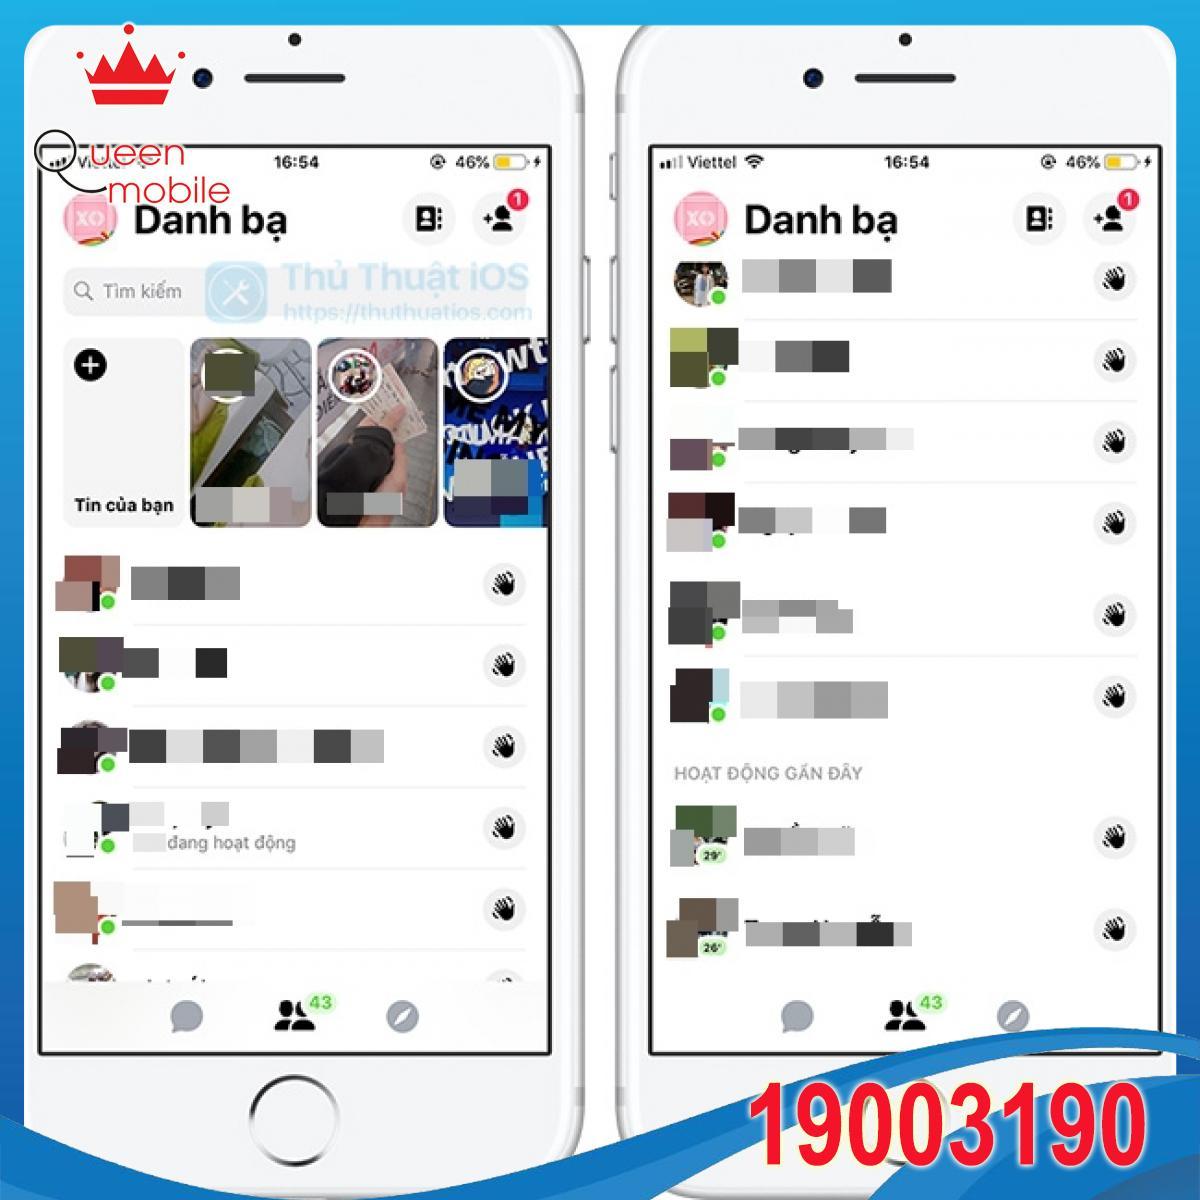 xem-ai-dang-online-messenger